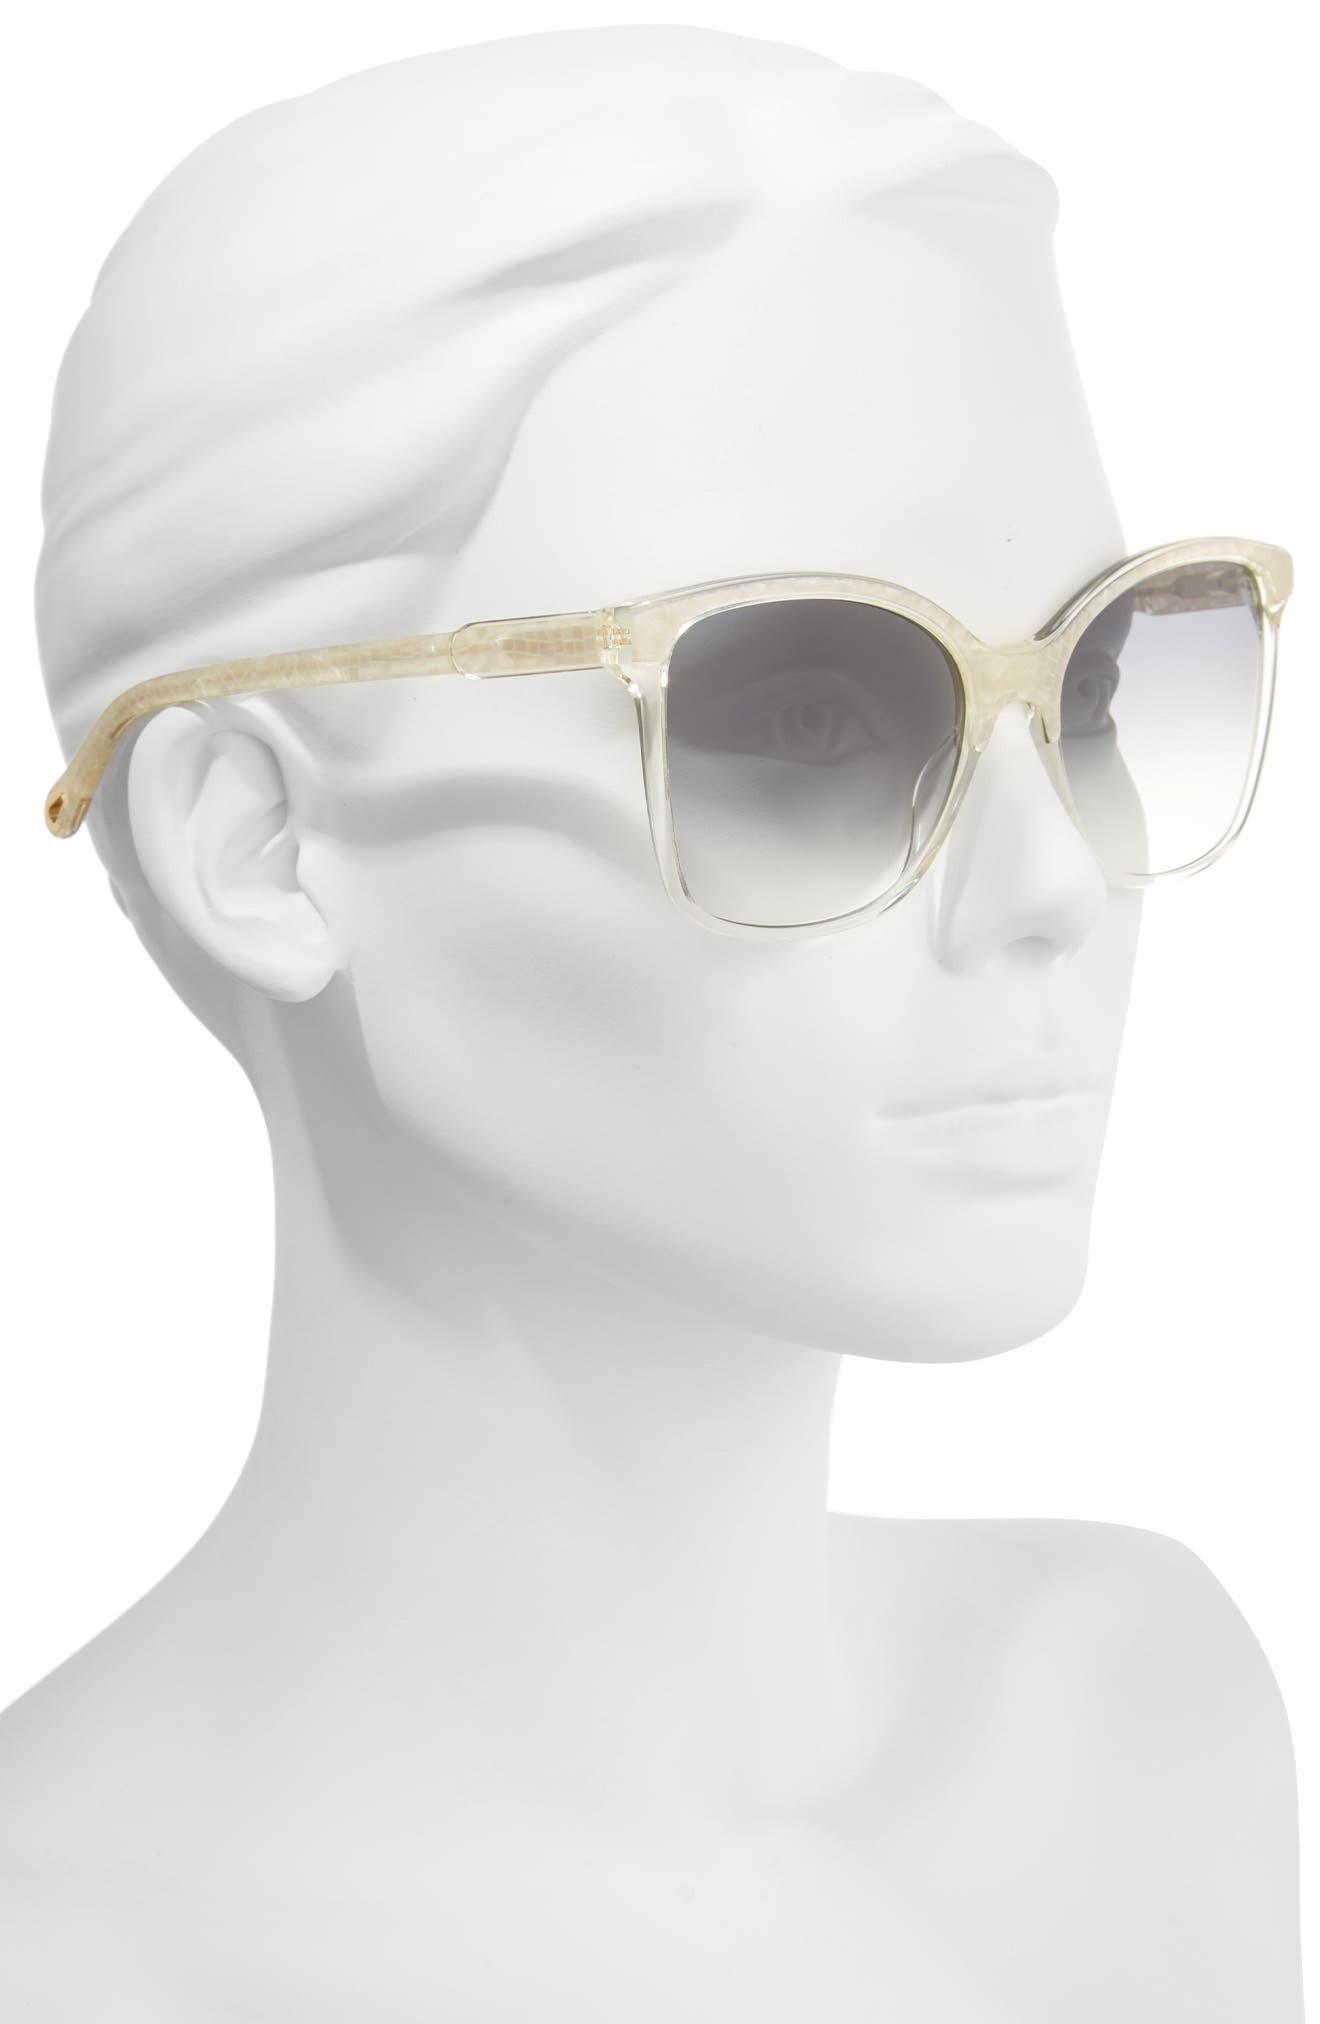 Alternate Image 2  - Chloé 59mm Brow Bar Sunglasses